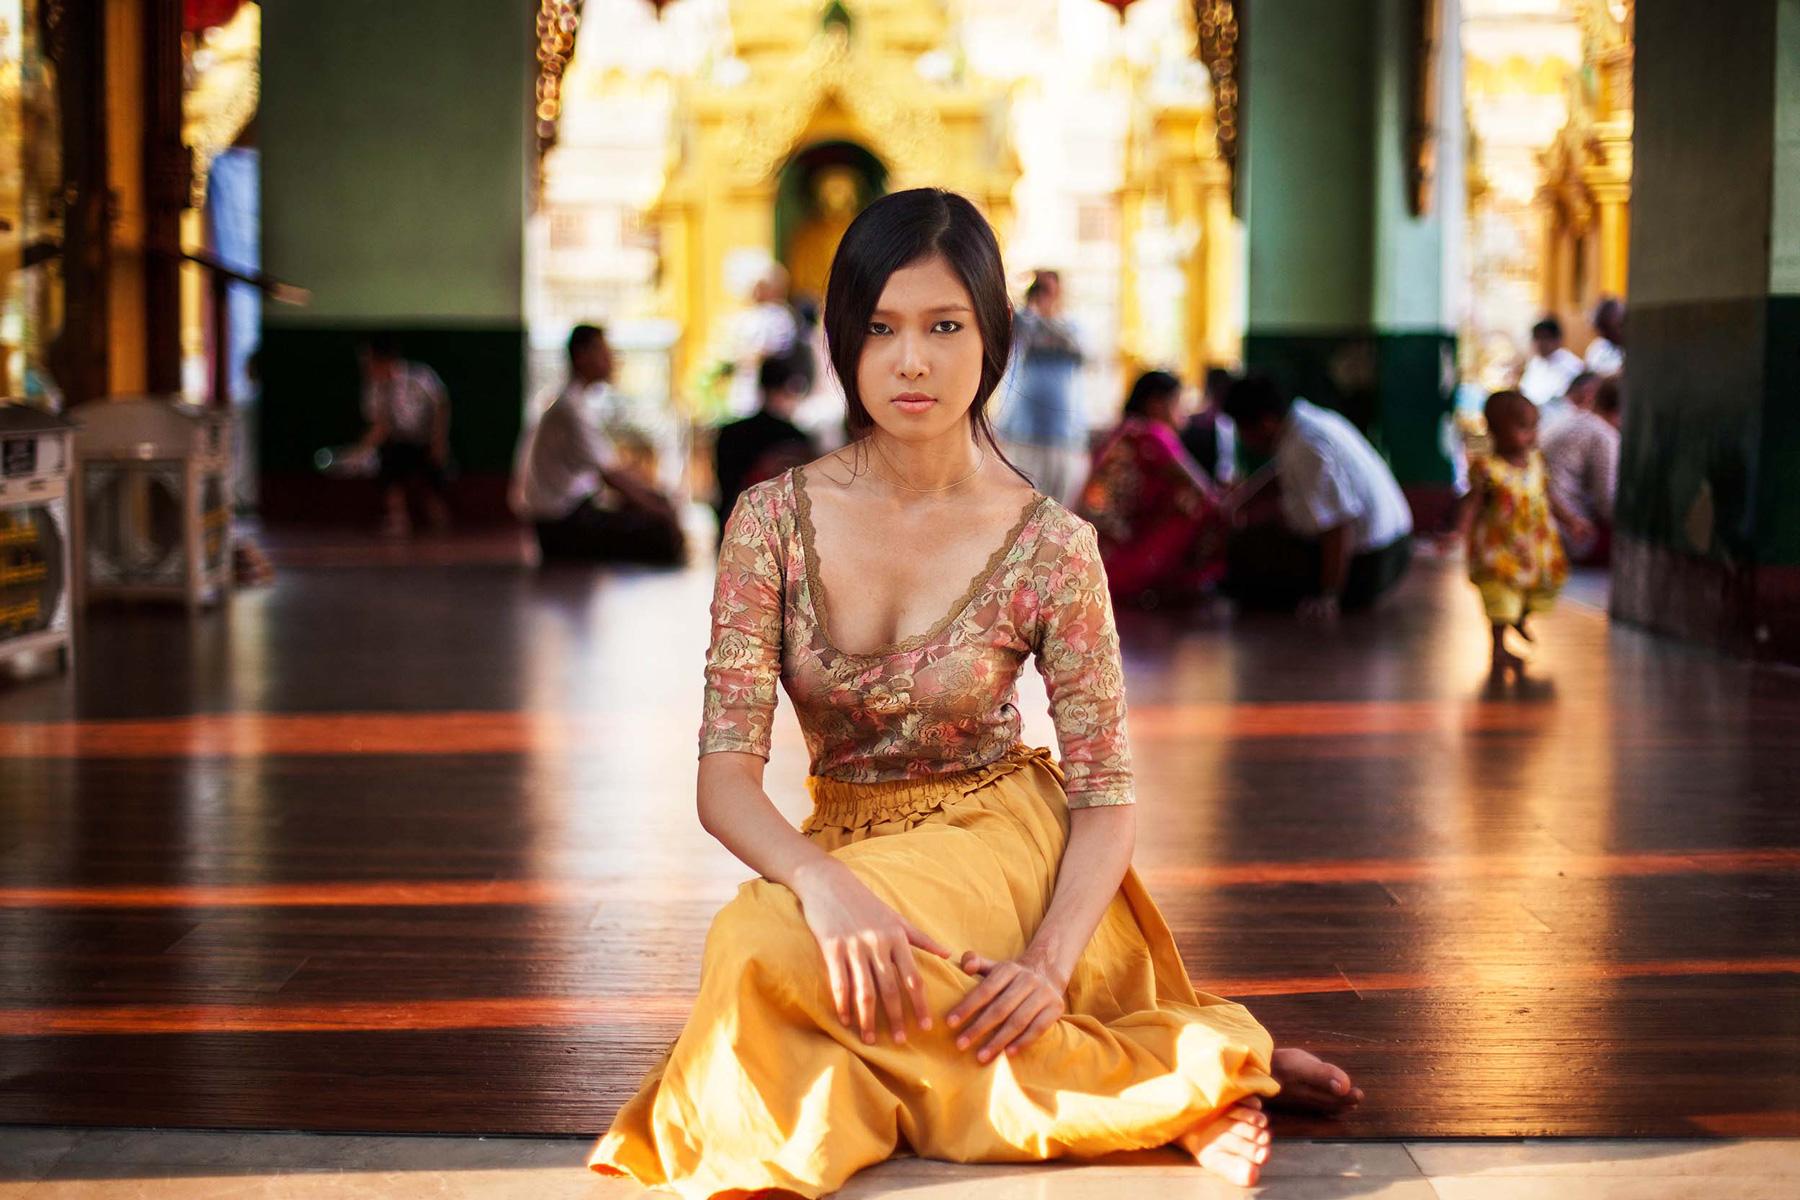 Mihaela-Noroc-Atlas-of-Beauty-Yangon-Myanmar